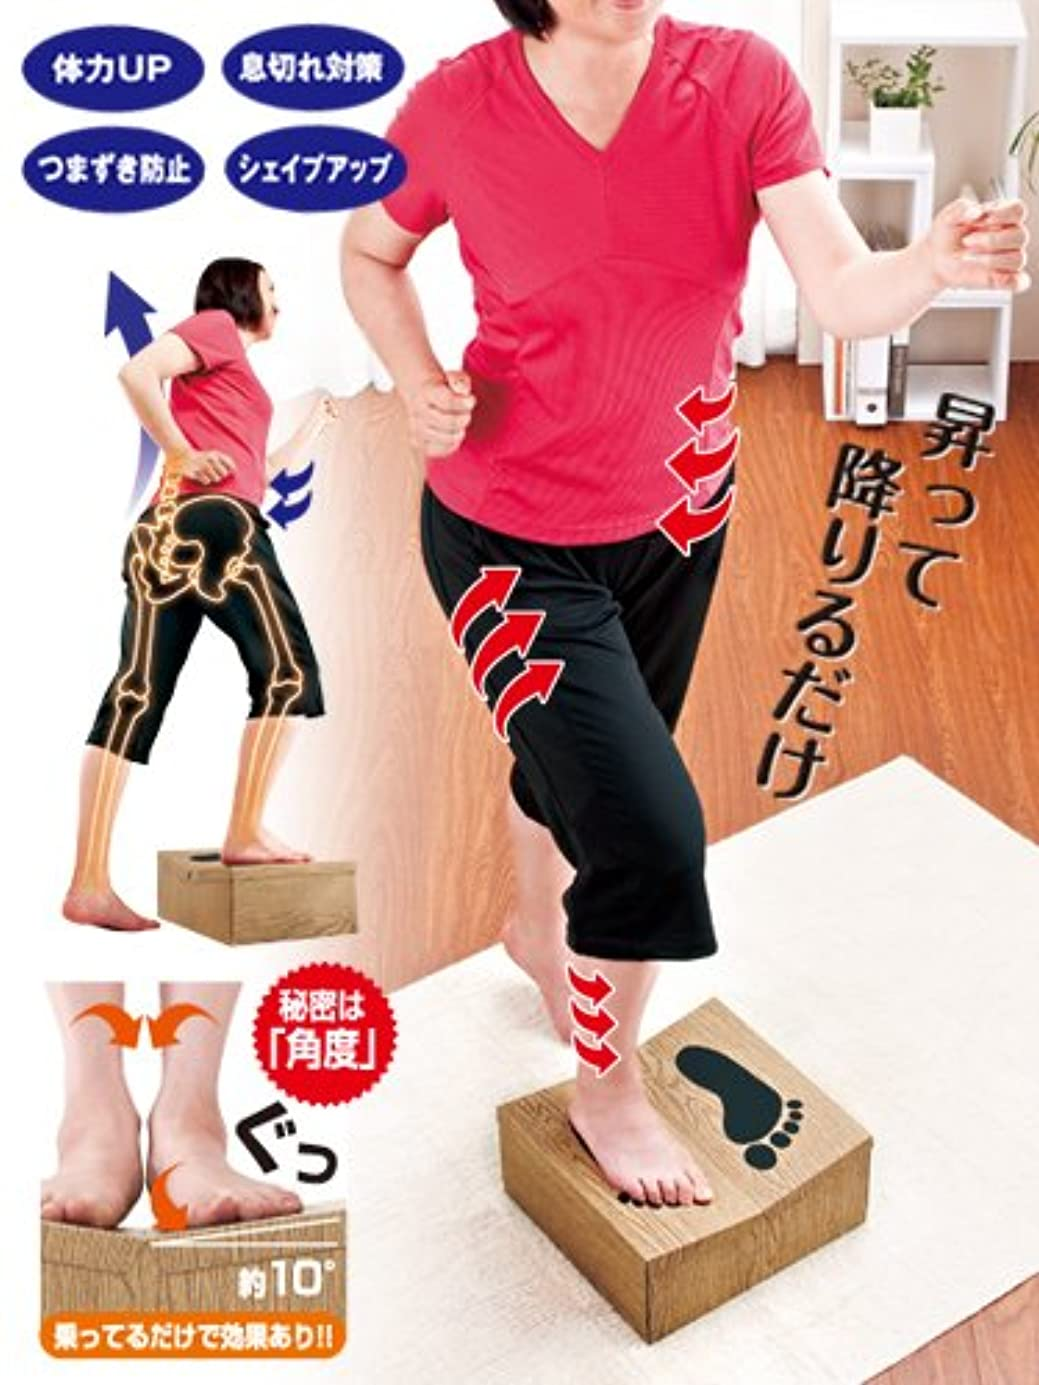 お祝い動く柔らかいどこでもエクササイズフミッパー 踏み台運動 フミッパー ステップ運動 踏み台 ステップ体操 上り下り運動 有酸素運動 つまずき防止 ダイエット器具 健康器具 リハビリ 踏み台昇降運動